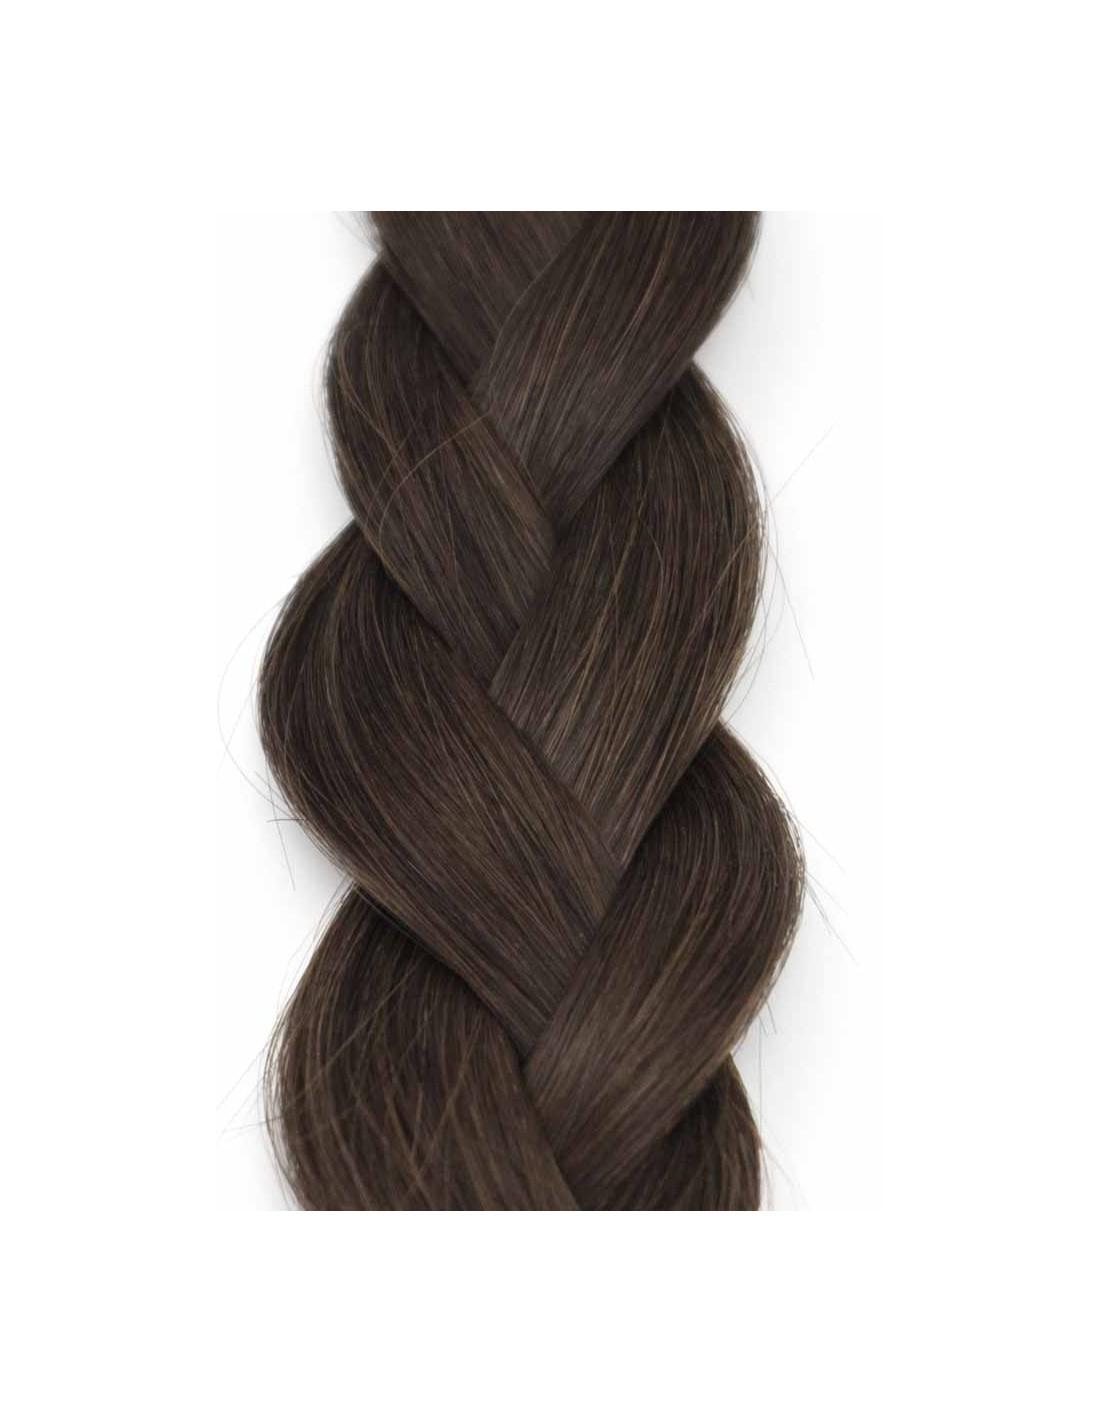 Nouvelle couleur de cheveux de kim kardashian